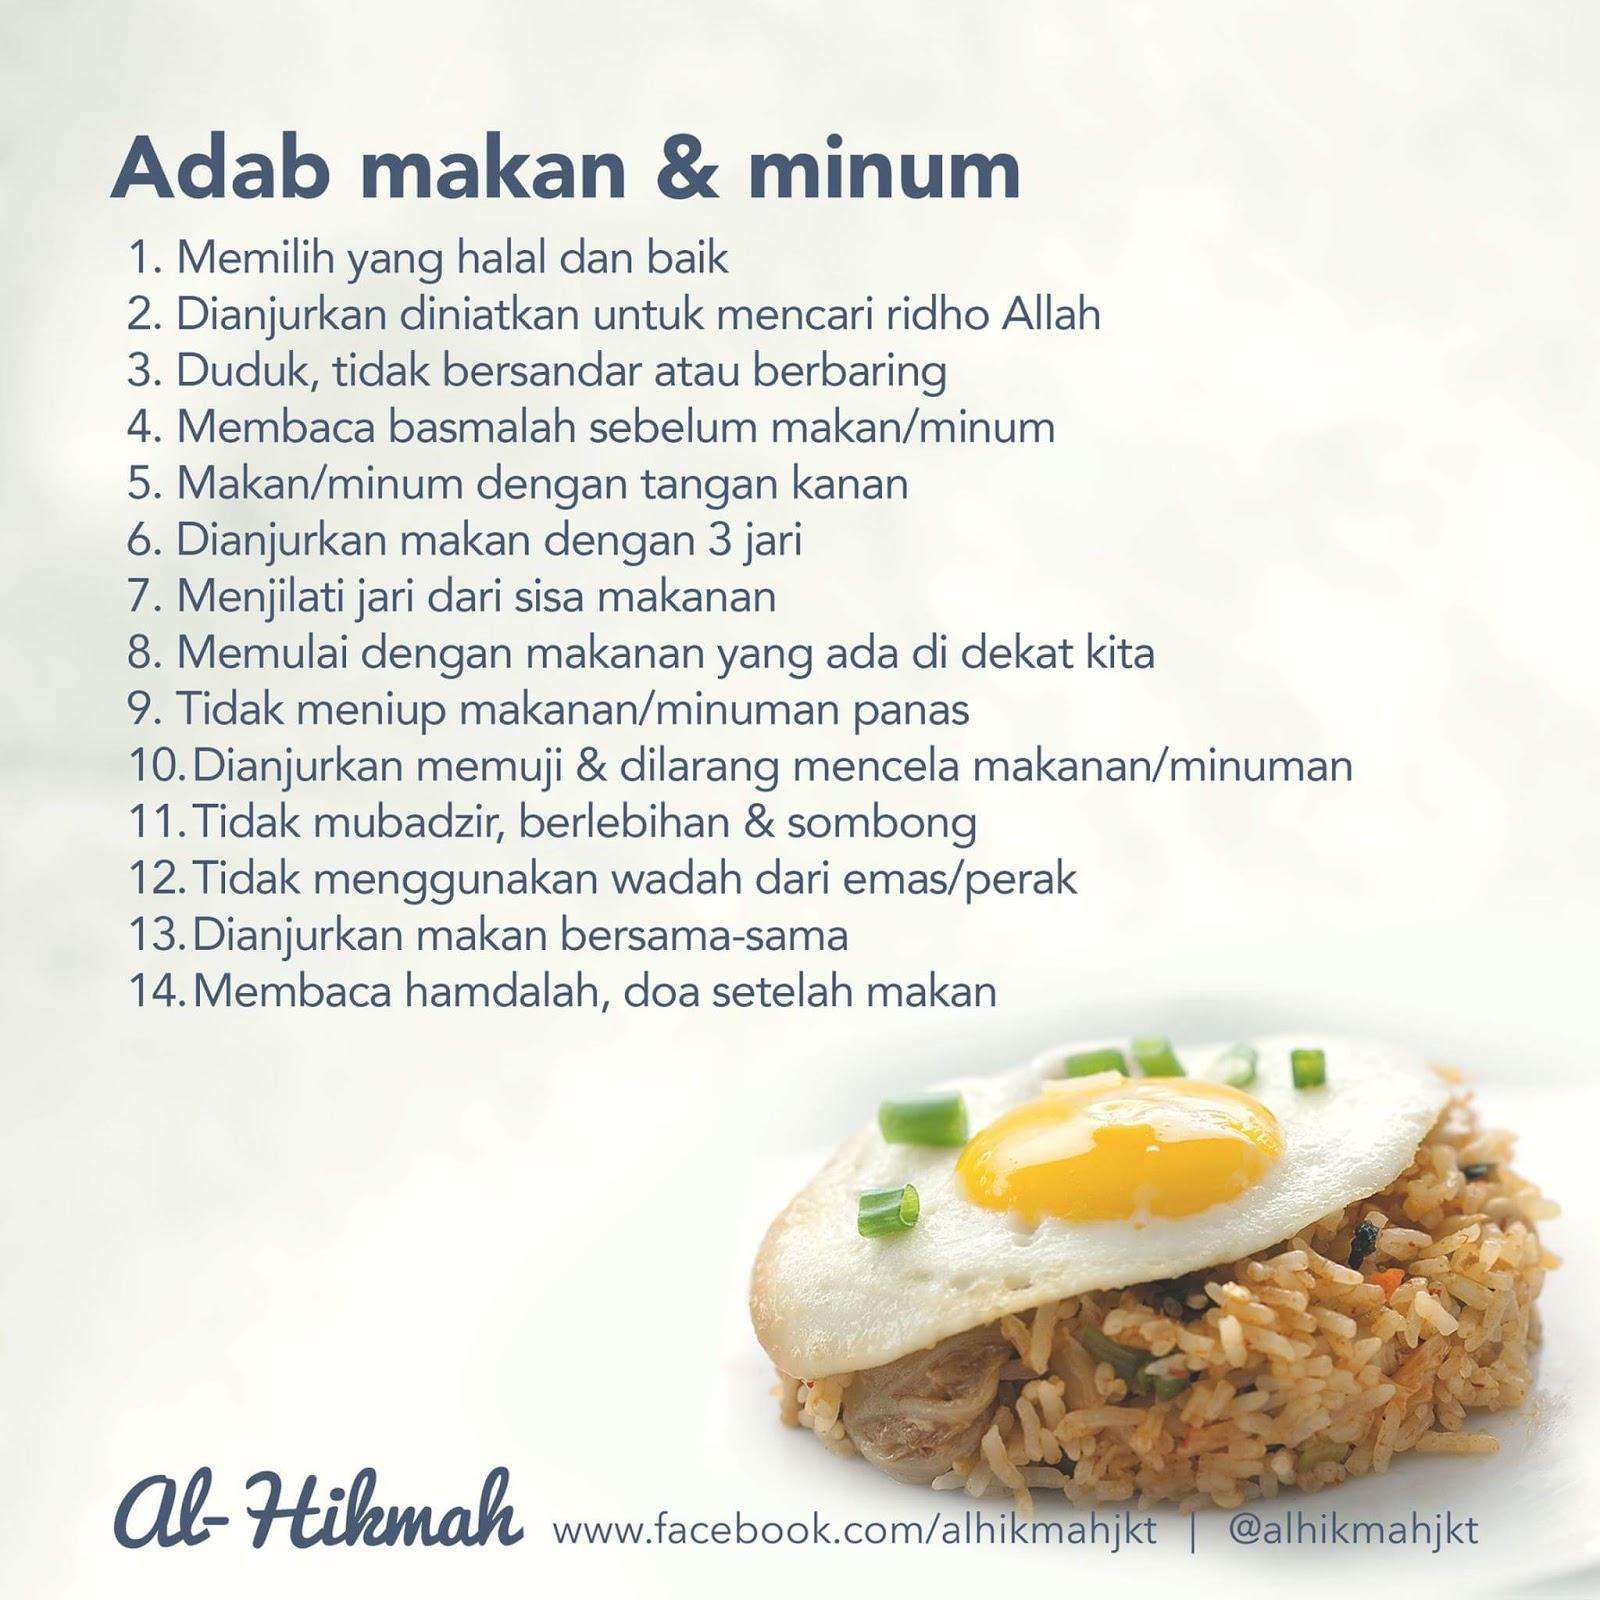 Hukum Diet Dalam Islam dan Dalilnya